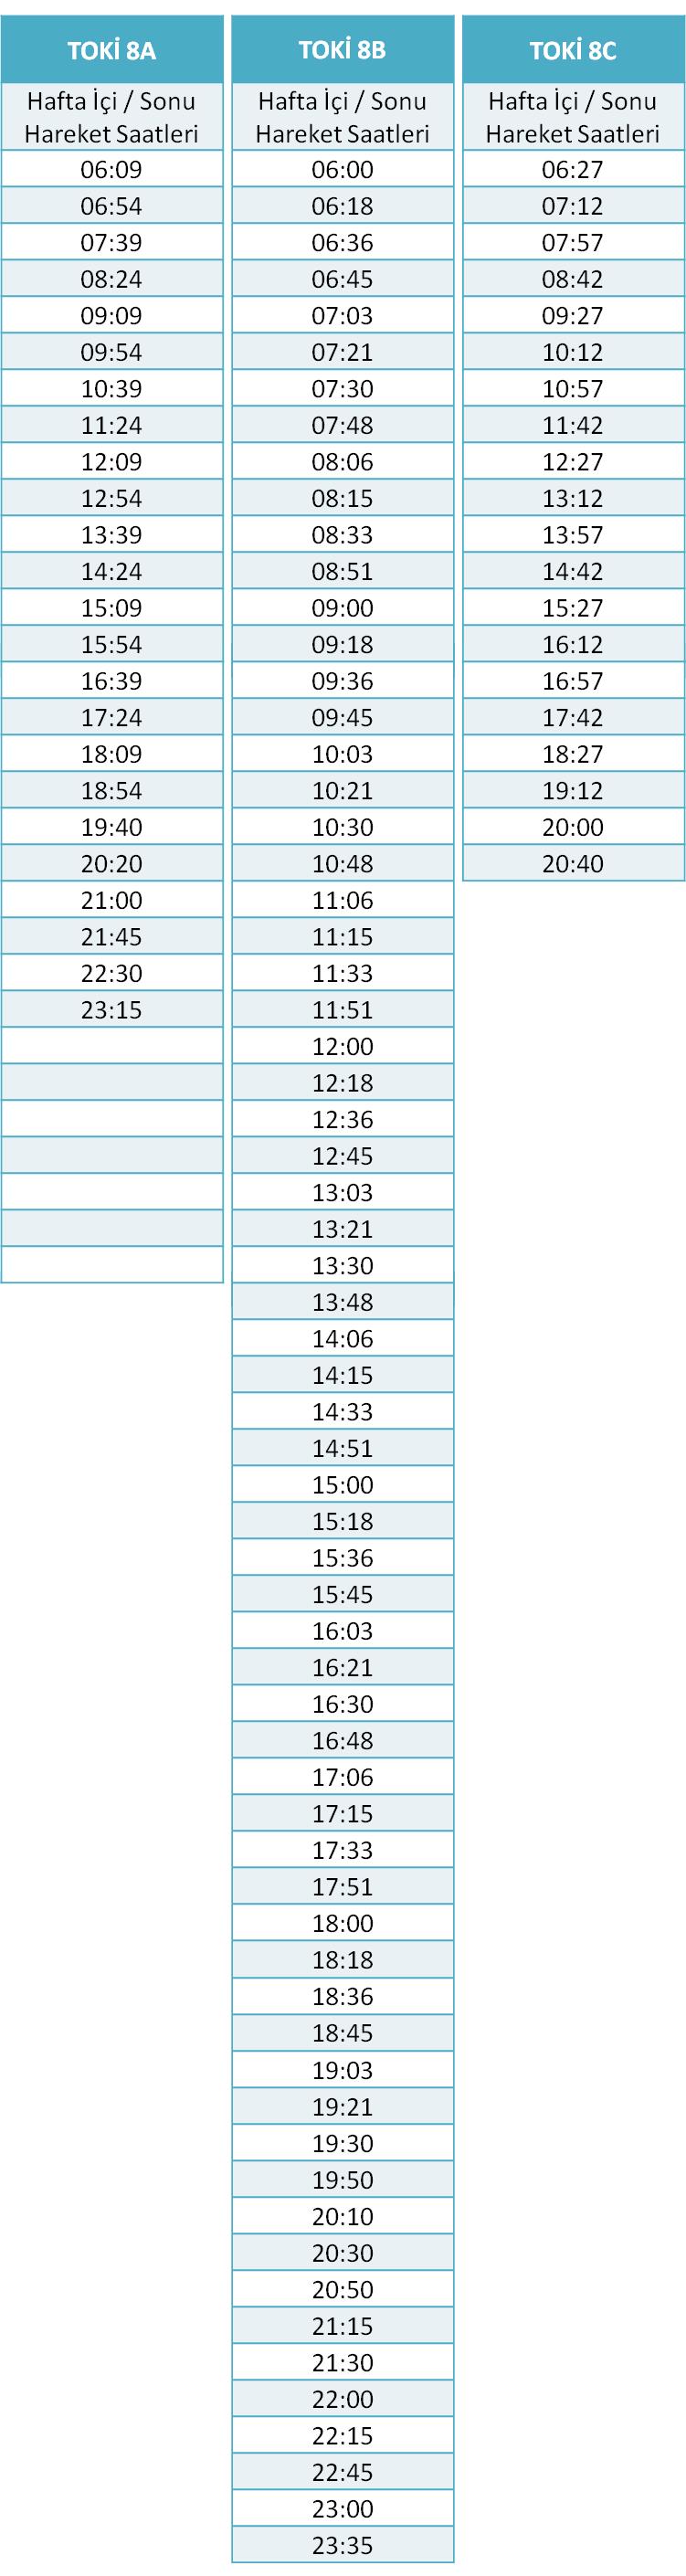 8 - TOKİ HATLARI Otobüsü Saatleri